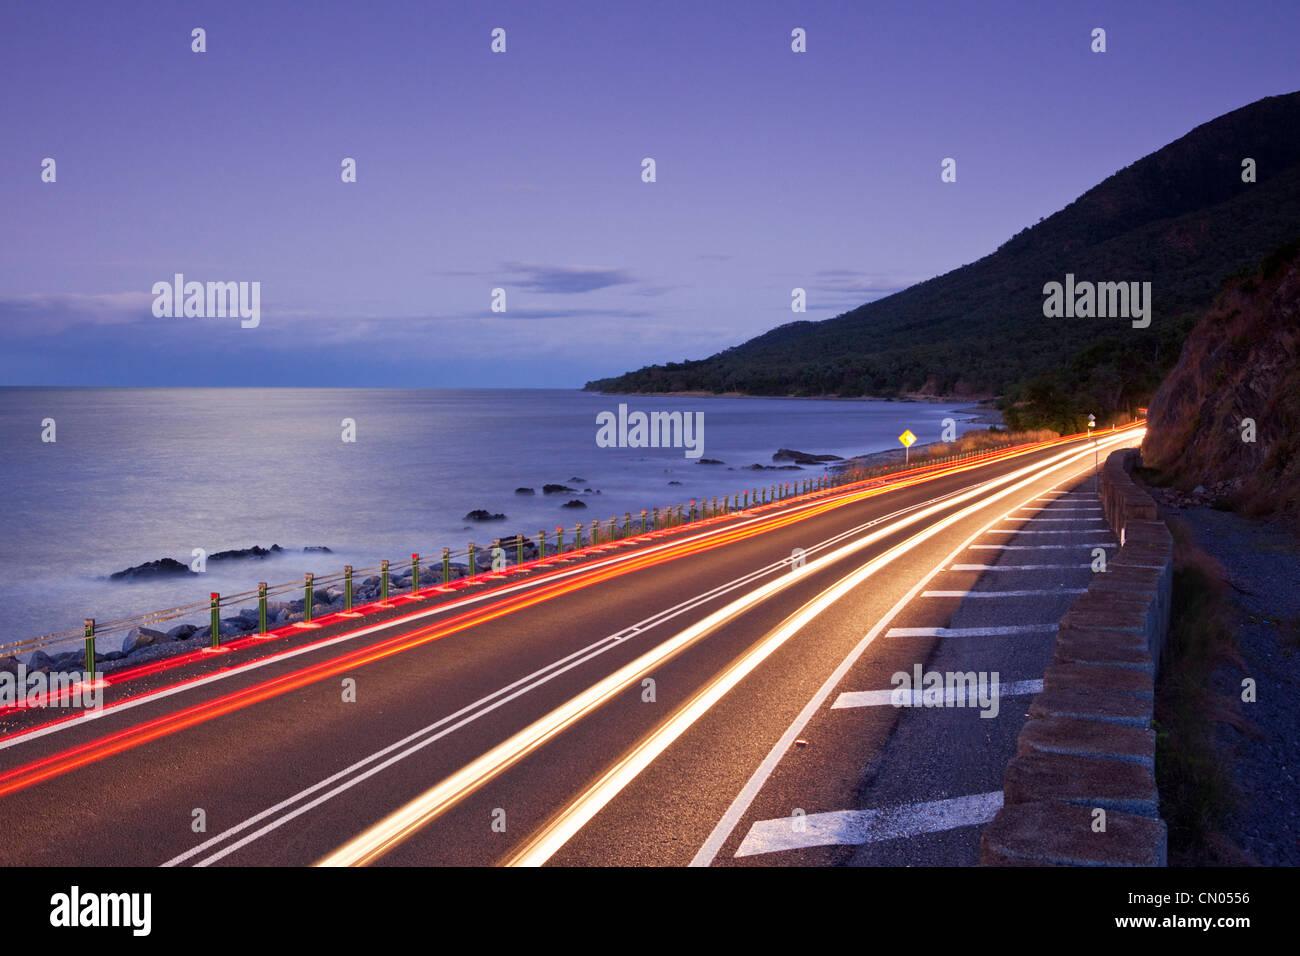 Auto sentieri di luce sulla strada costiera. La Captain Cook Highway tra Port Douglas e Cairns, Queensland, Australia Immagini Stock